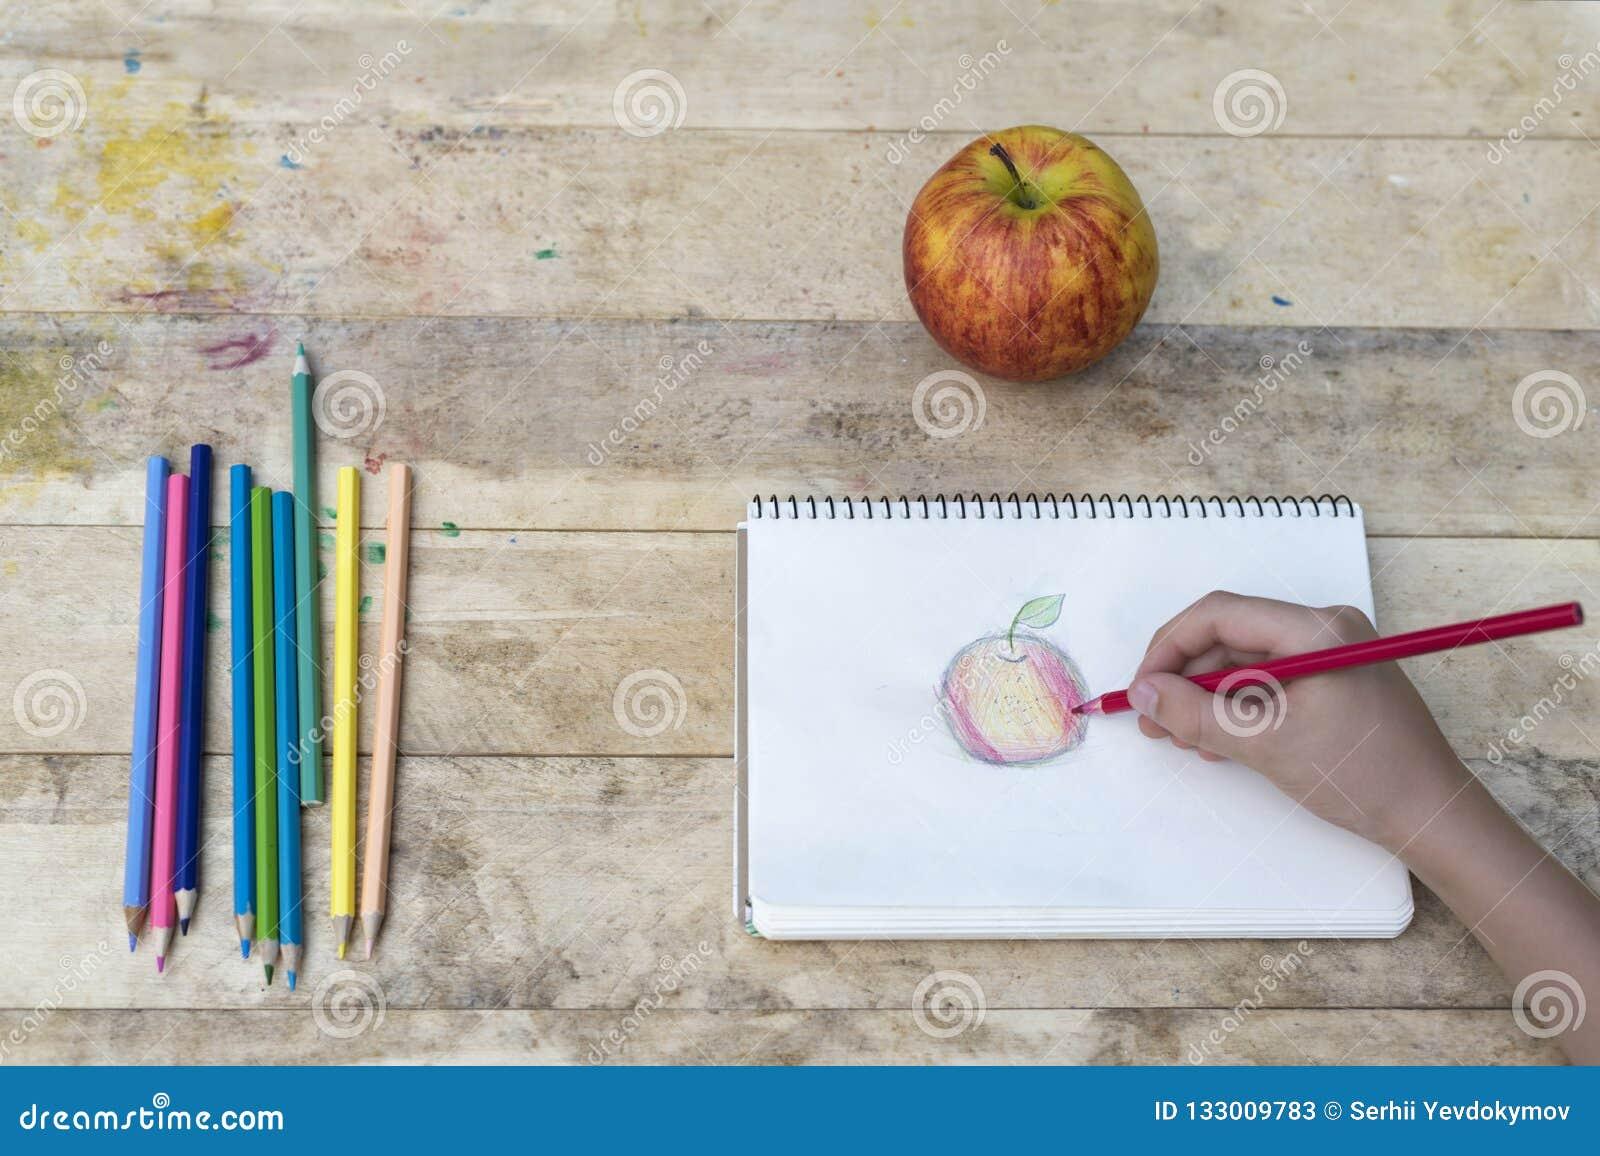 Le mani dei bambini disegnano una mela con le matite colorate Vista superiore